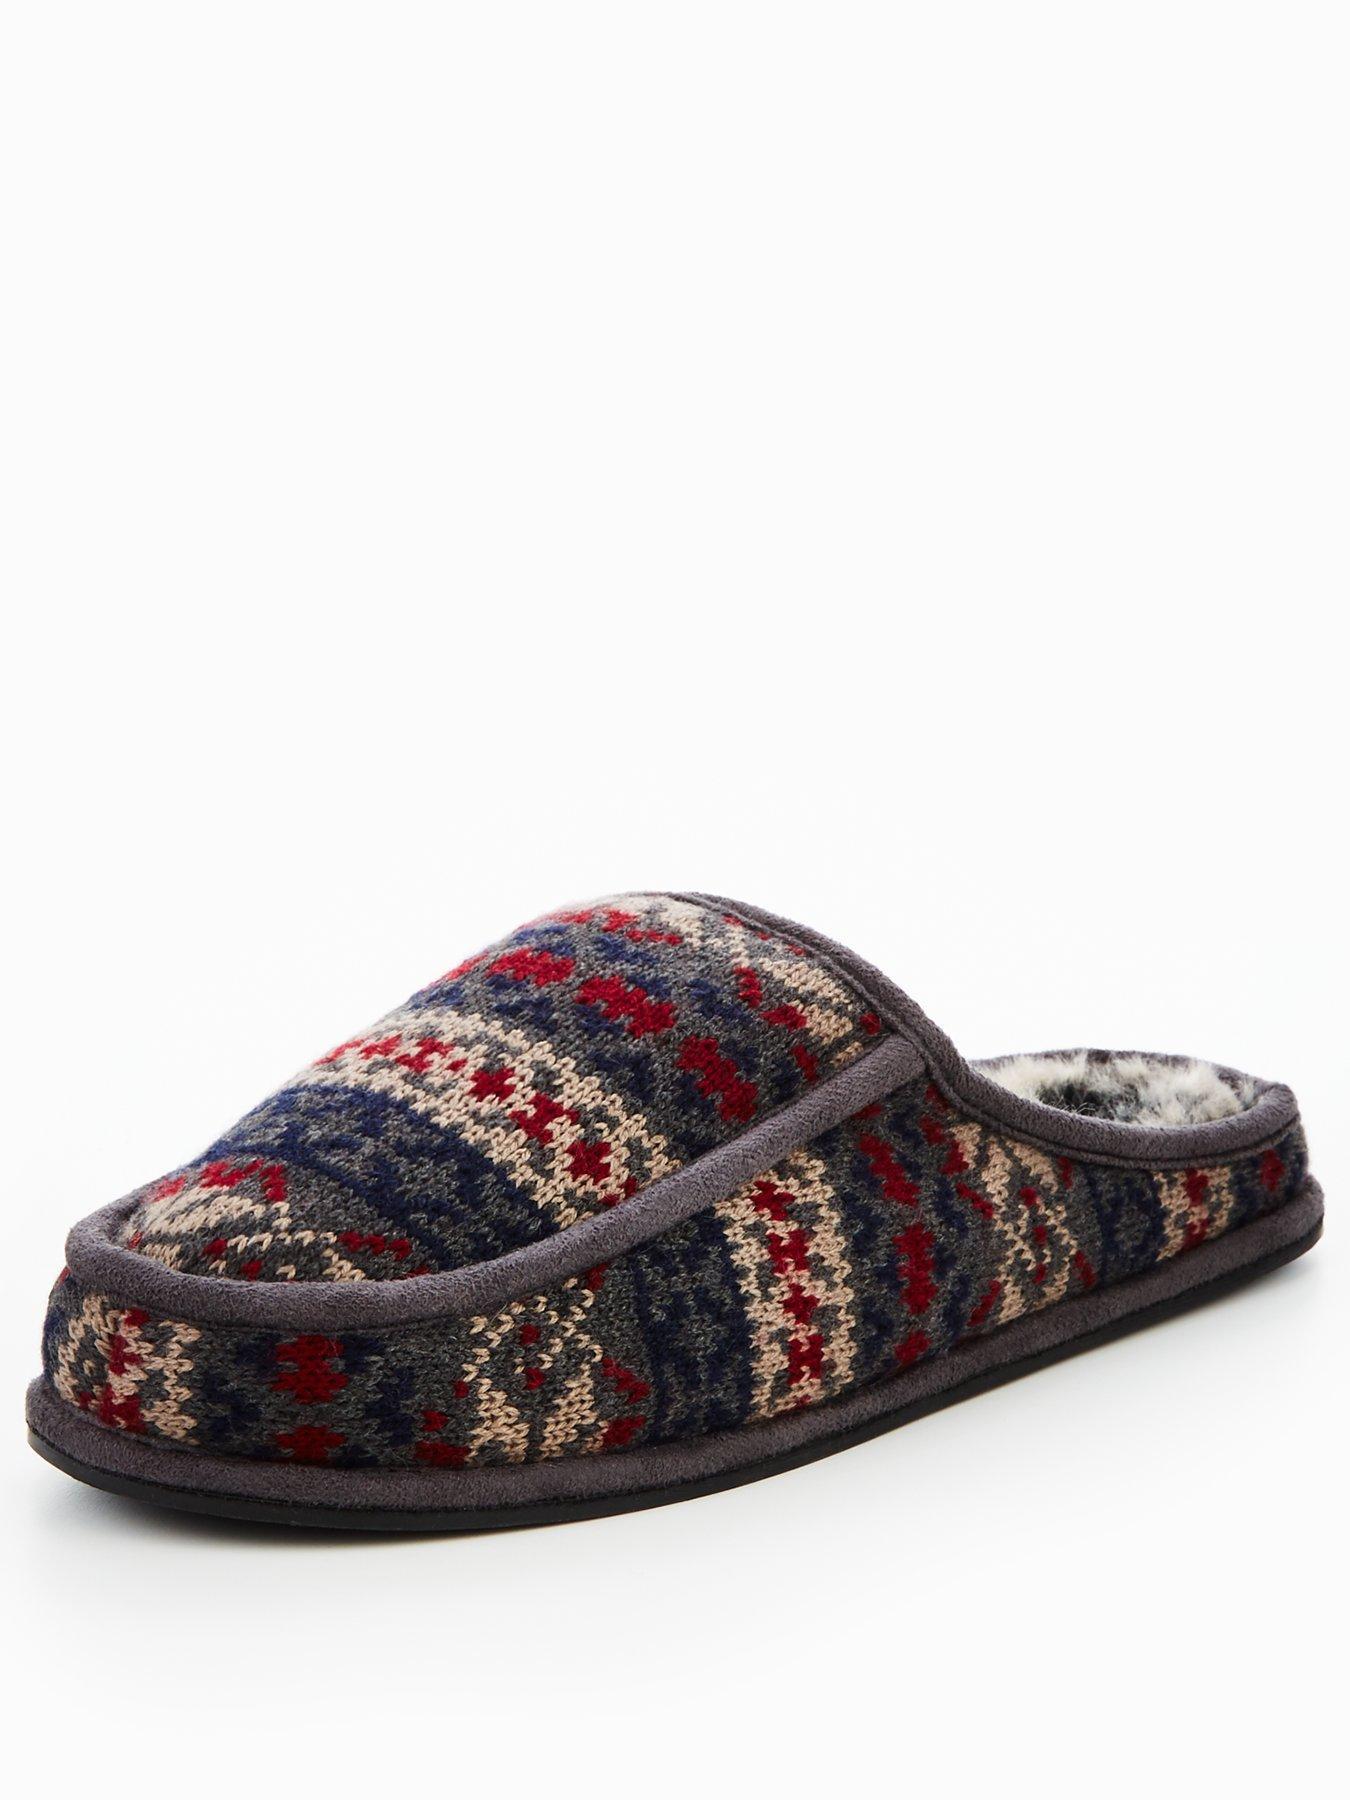 Dunlop Apron Mule 1600174212 Men's Shoes Dunlop Slippers